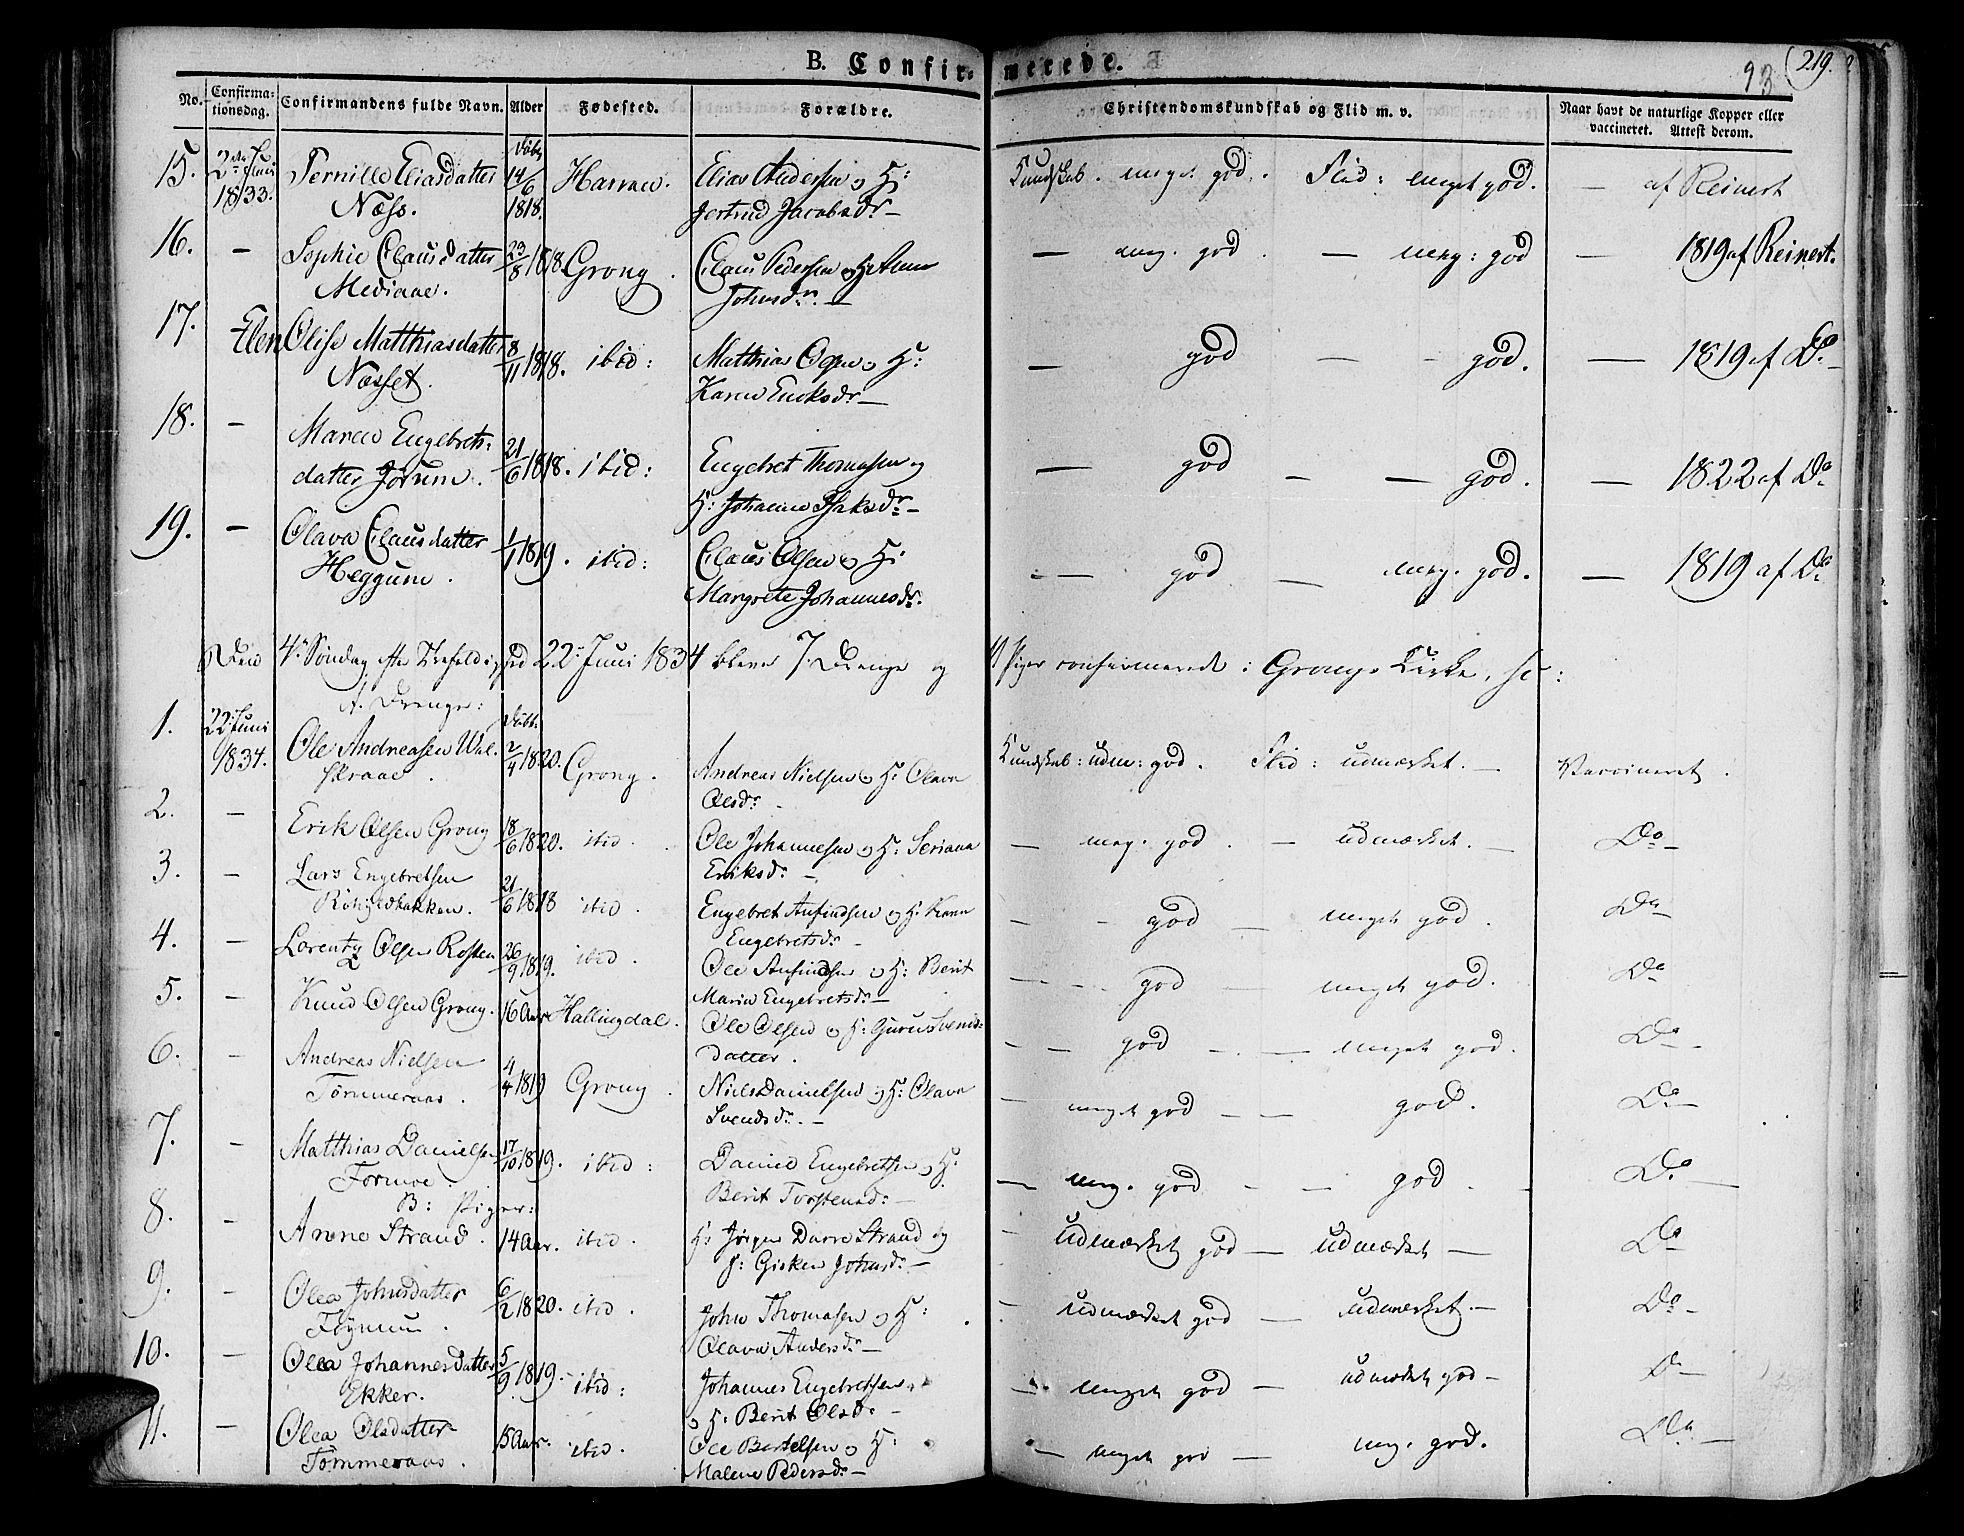 SAT, Ministerialprotokoller, klokkerbøker og fødselsregistre - Nord-Trøndelag, 758/L0510: Ministerialbok nr. 758A01 /1, 1821-1841, s. 93